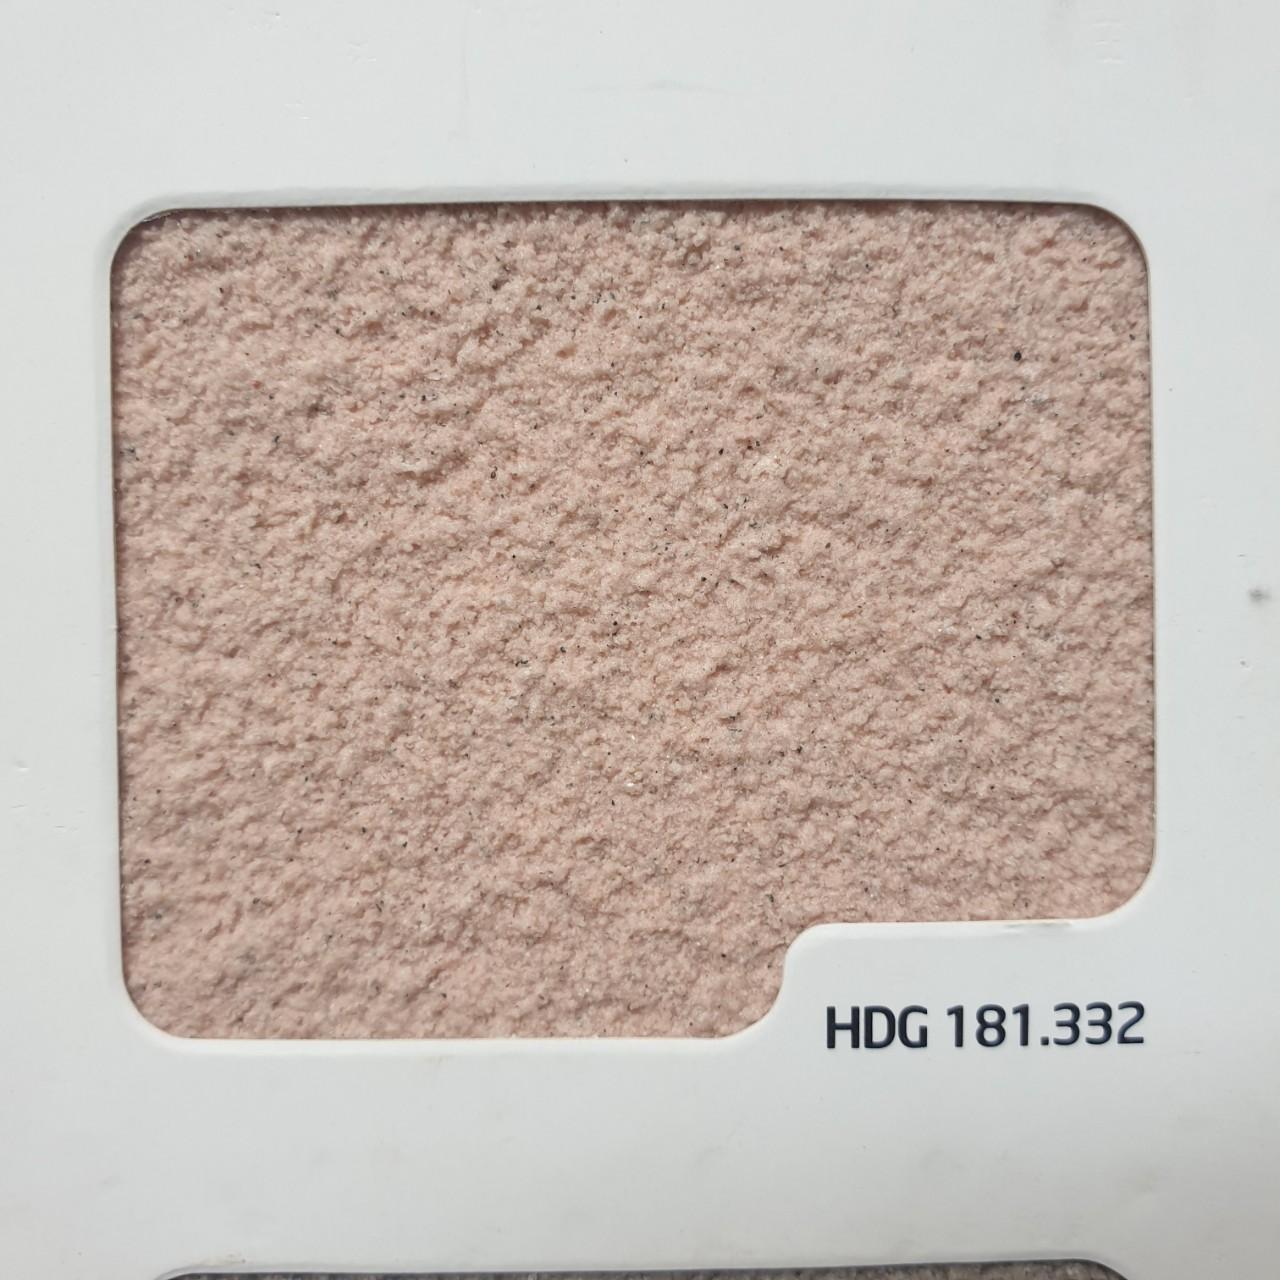 SƠN ĐƠN SẮC HDG 181.332